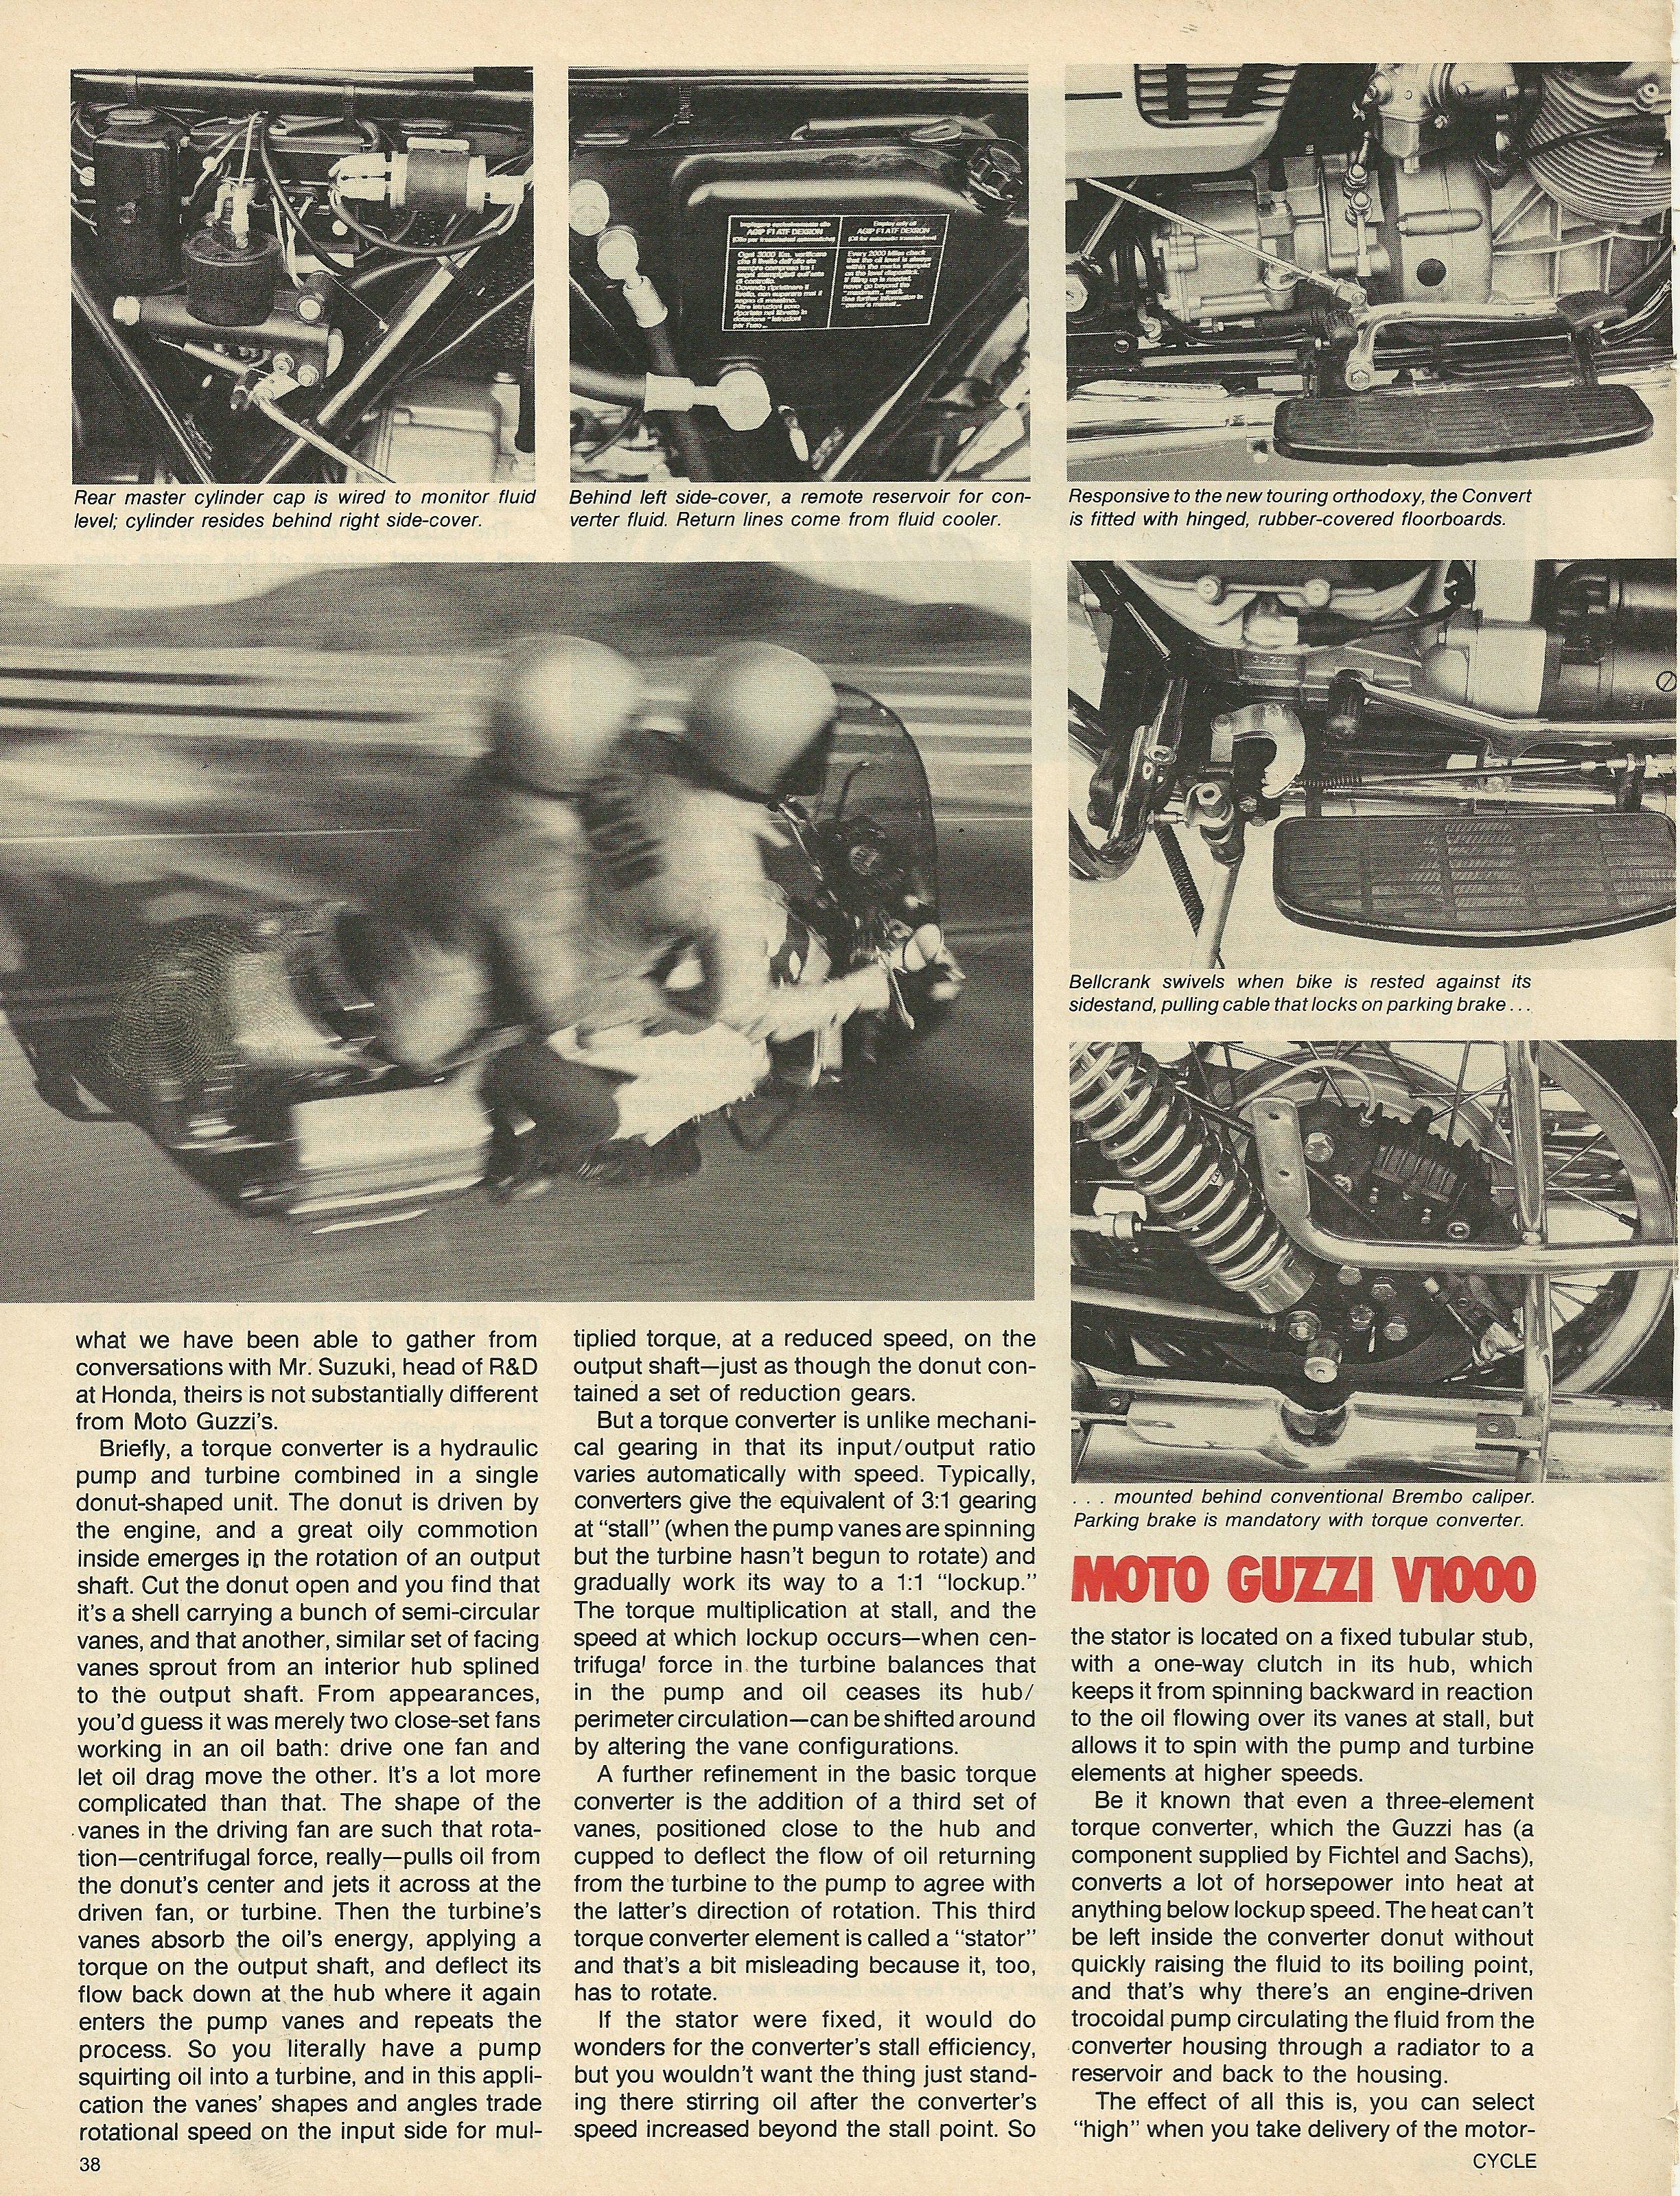 1976 Moto Guzzi V1000 Convert road test 3.JPG